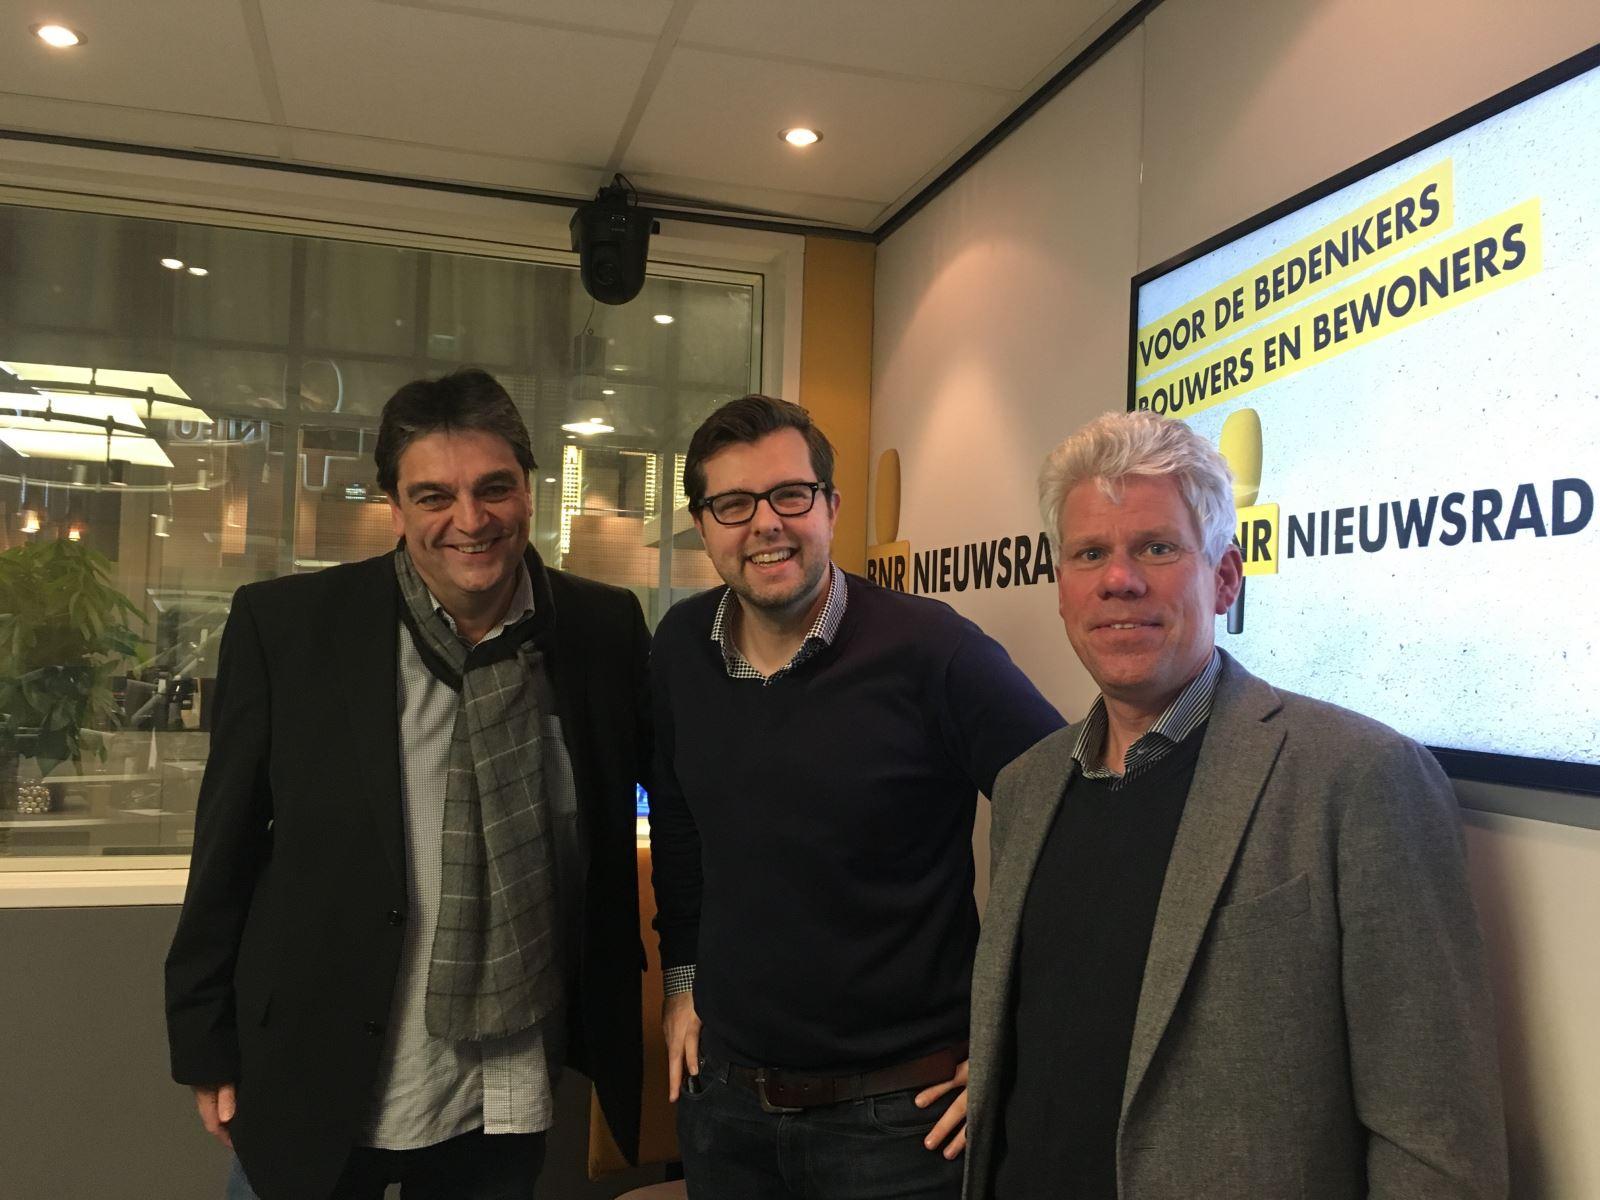 BNR nieuwsradio uitzending